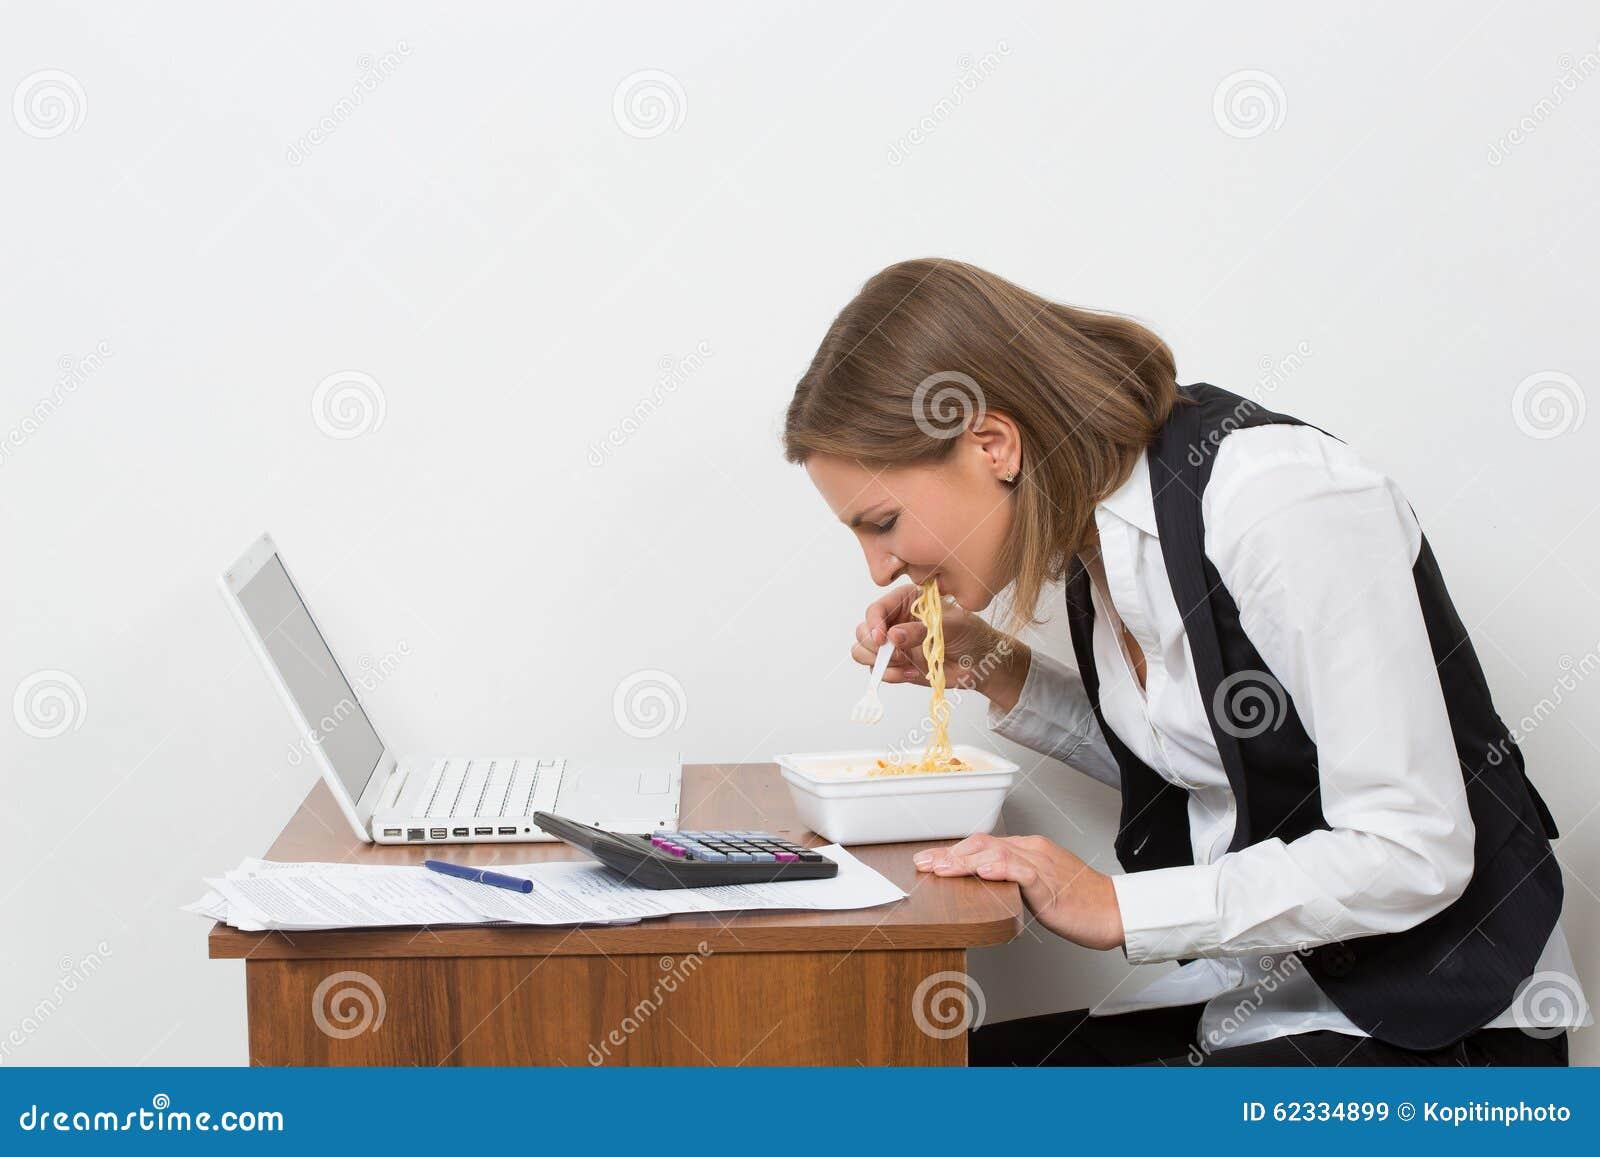 Девушка кушает на работе работа по веб камере моделью в щигры